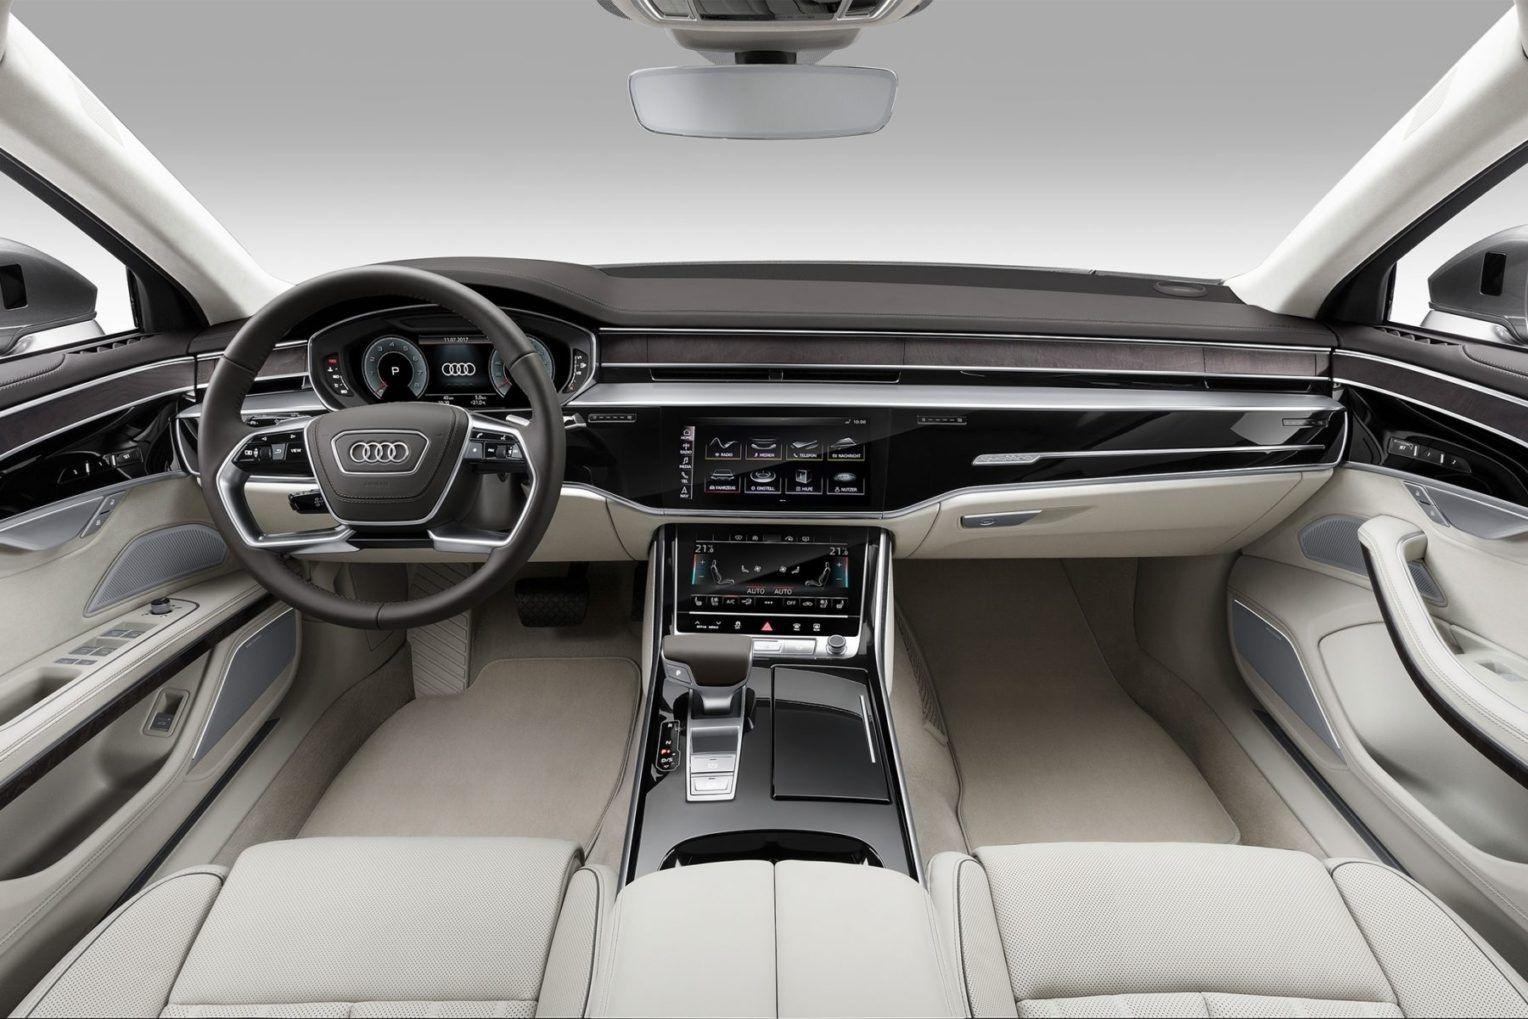 2019 Q7 Audi First Drive Audi A8 Audi A8 Interior Audi Q7 Interior